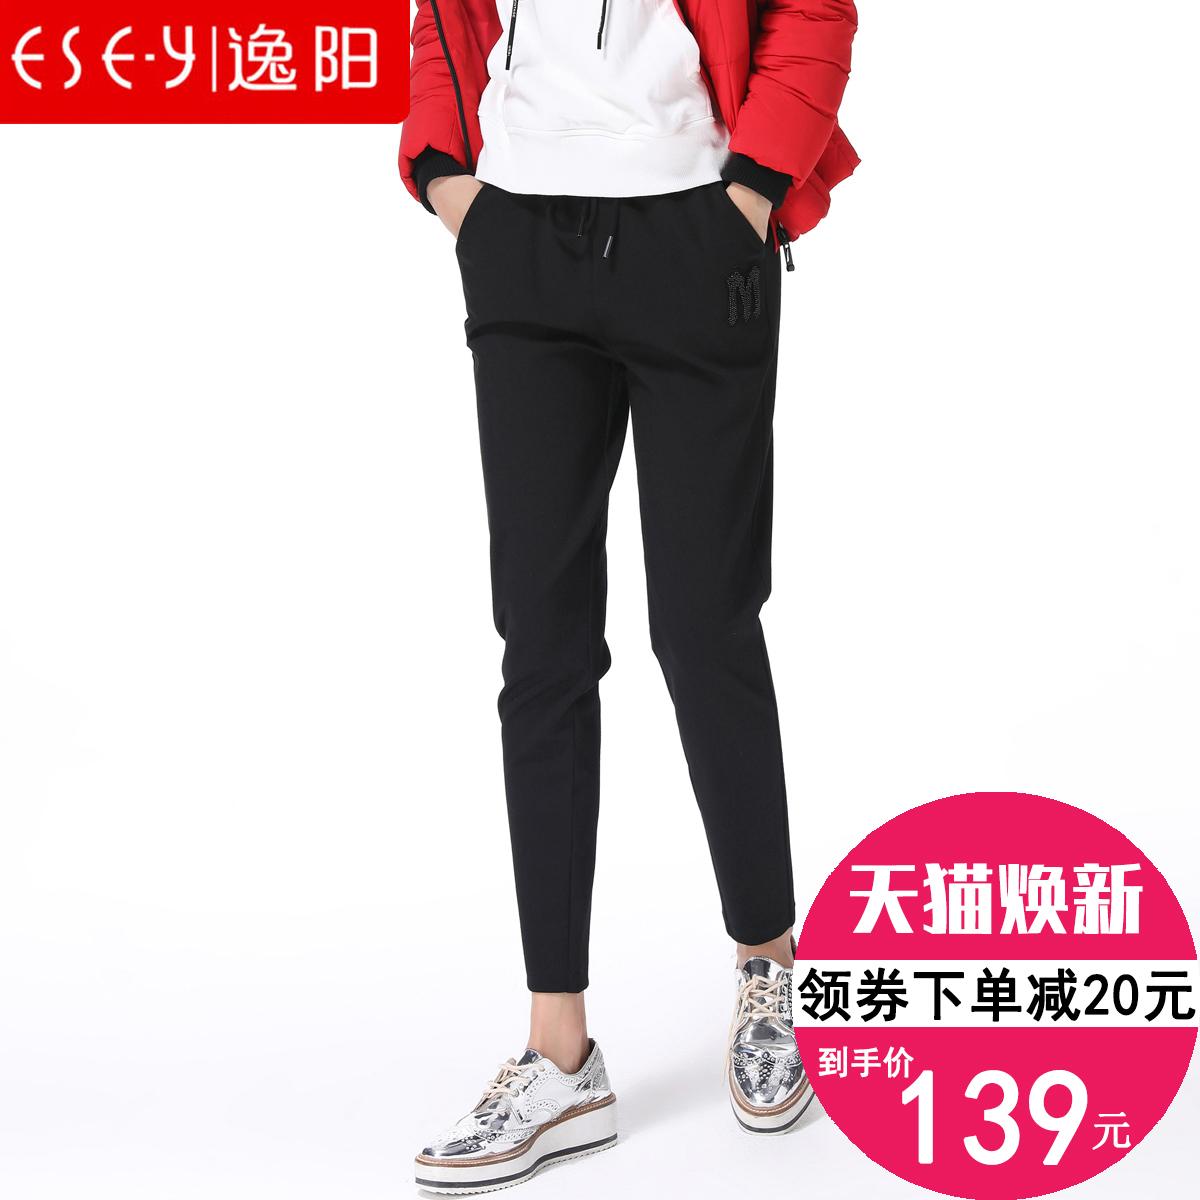 逸阳女裤2018秋季新款九分哈伦松大码运动裤女宽松显瘦黑色慢跑裤